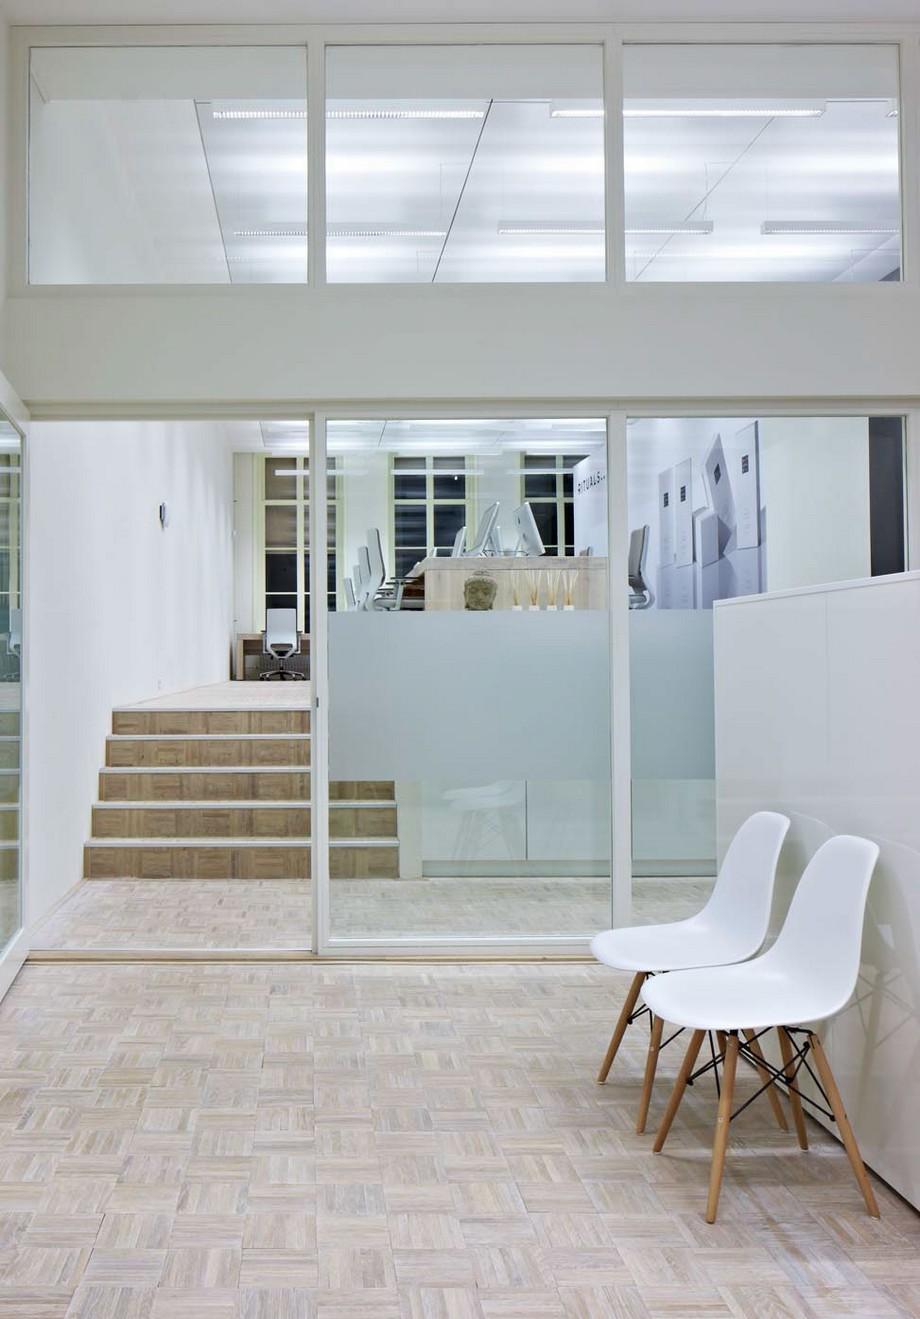 Từ phòng này liên thông với phòng kia các khu vực làm việc được ngăn cách bởi tấm kính trong suốt